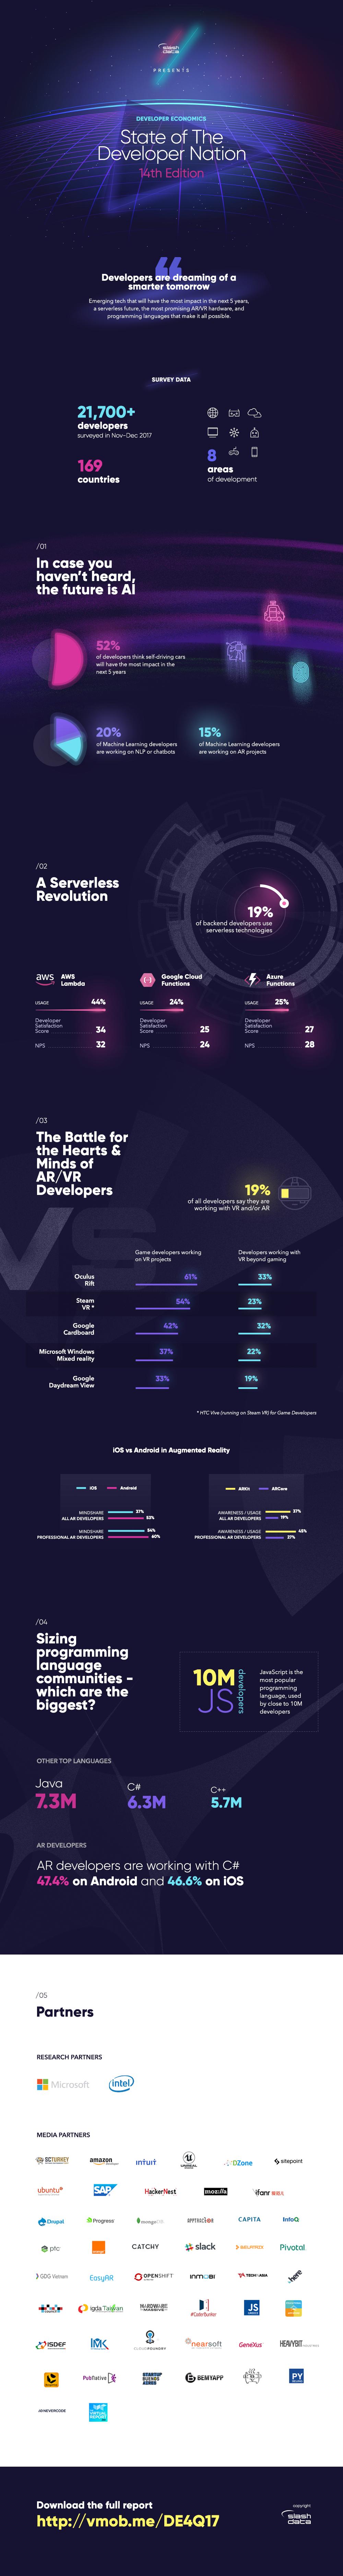 El 19% de los desarrolladores está trabajando en proyectos de realidad virtual o aumentada